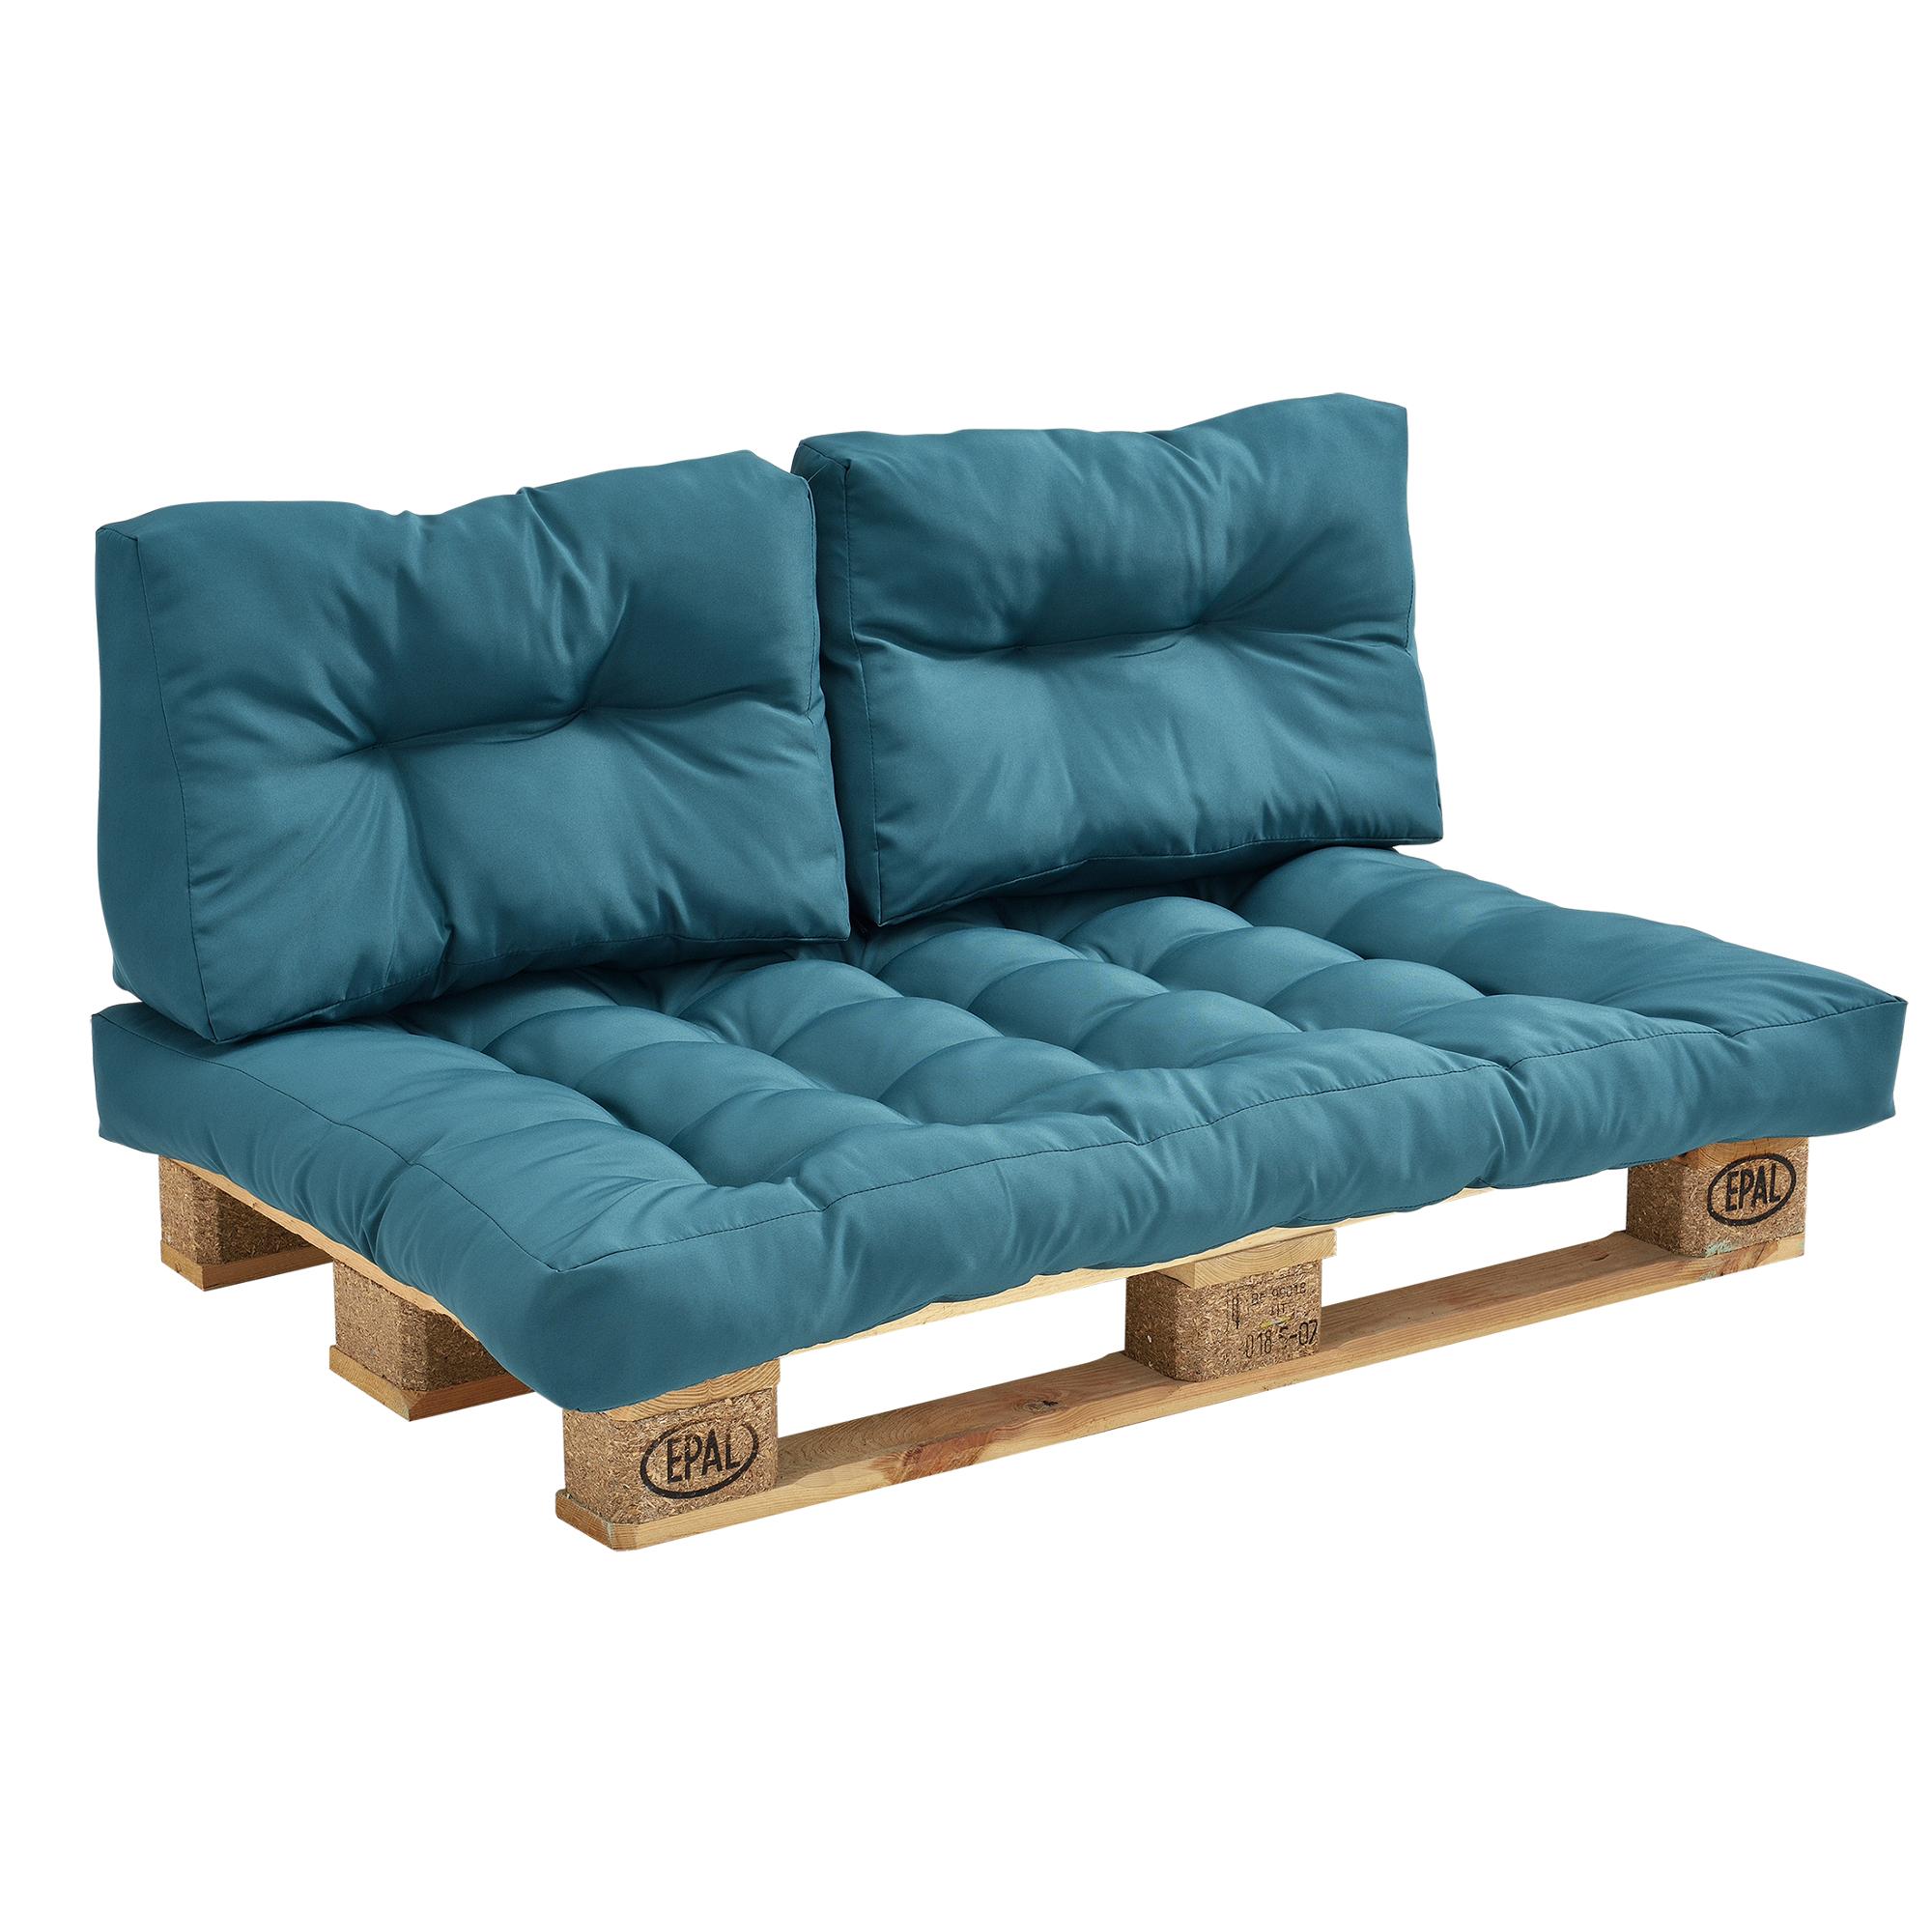 palettenkissen in outdoor paletten kissen sofa polster sitzauflage. Black Bedroom Furniture Sets. Home Design Ideas